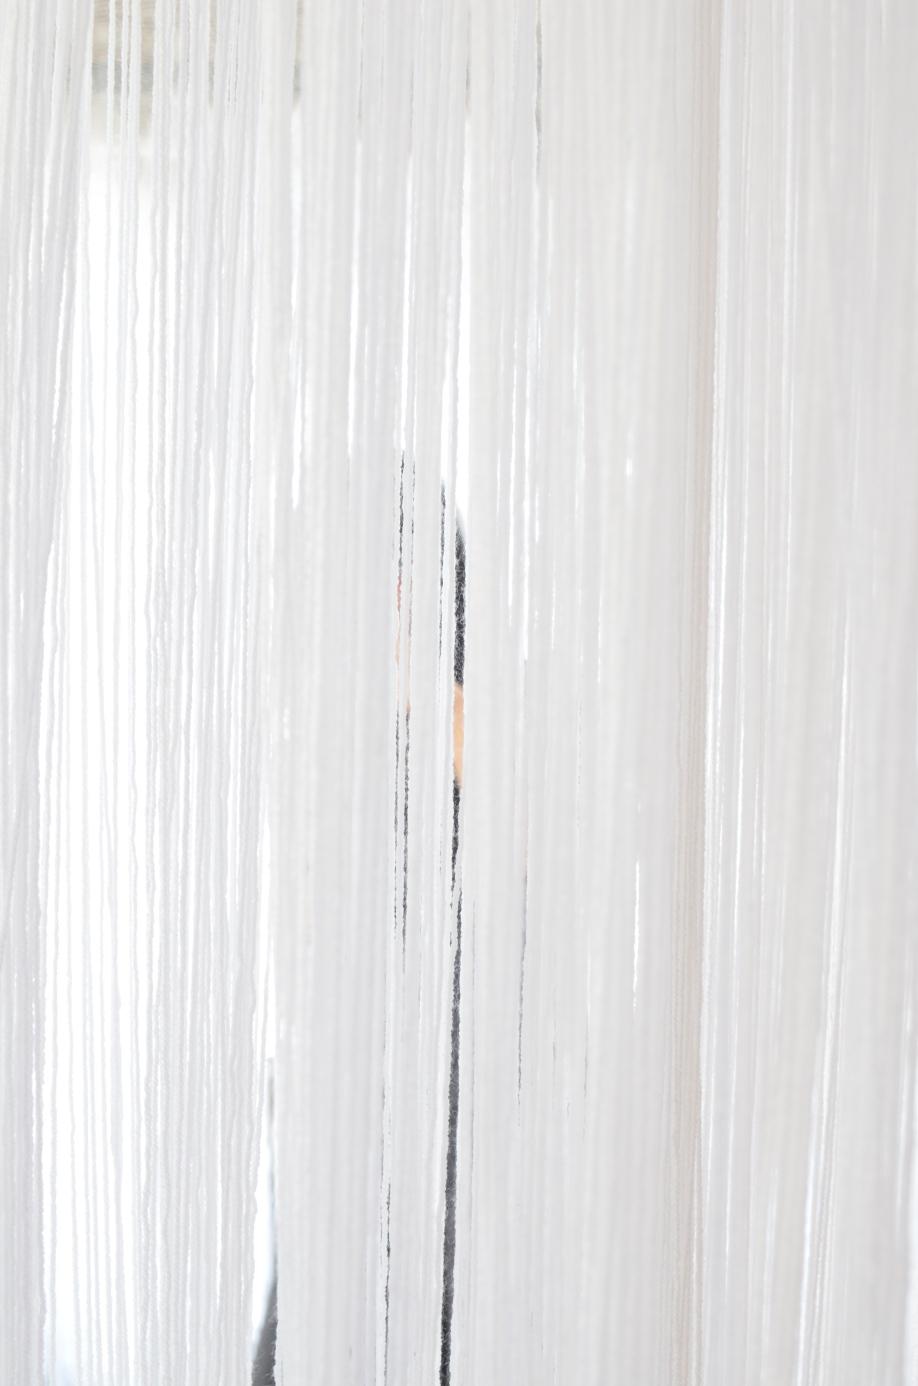 GEYSER Installation by Caitlin Perry, Ella Leoncio and Robert Bravington